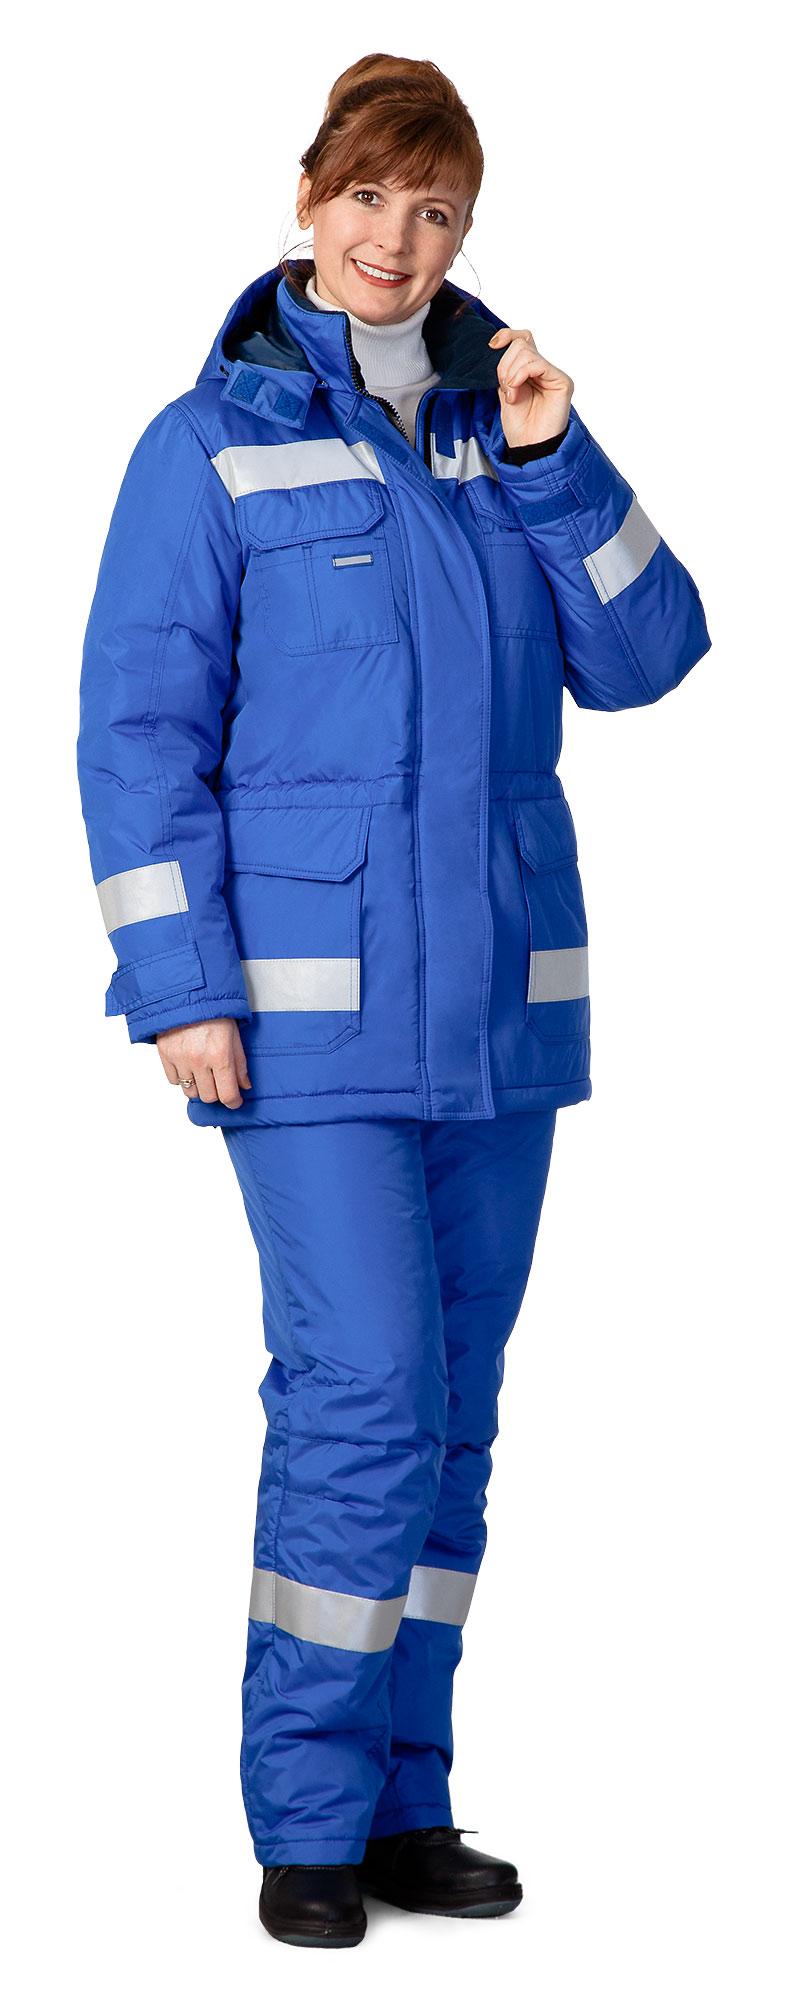 Медицинская одежда в санкт-петербурге скорая помощь Гастроскопия Печатники